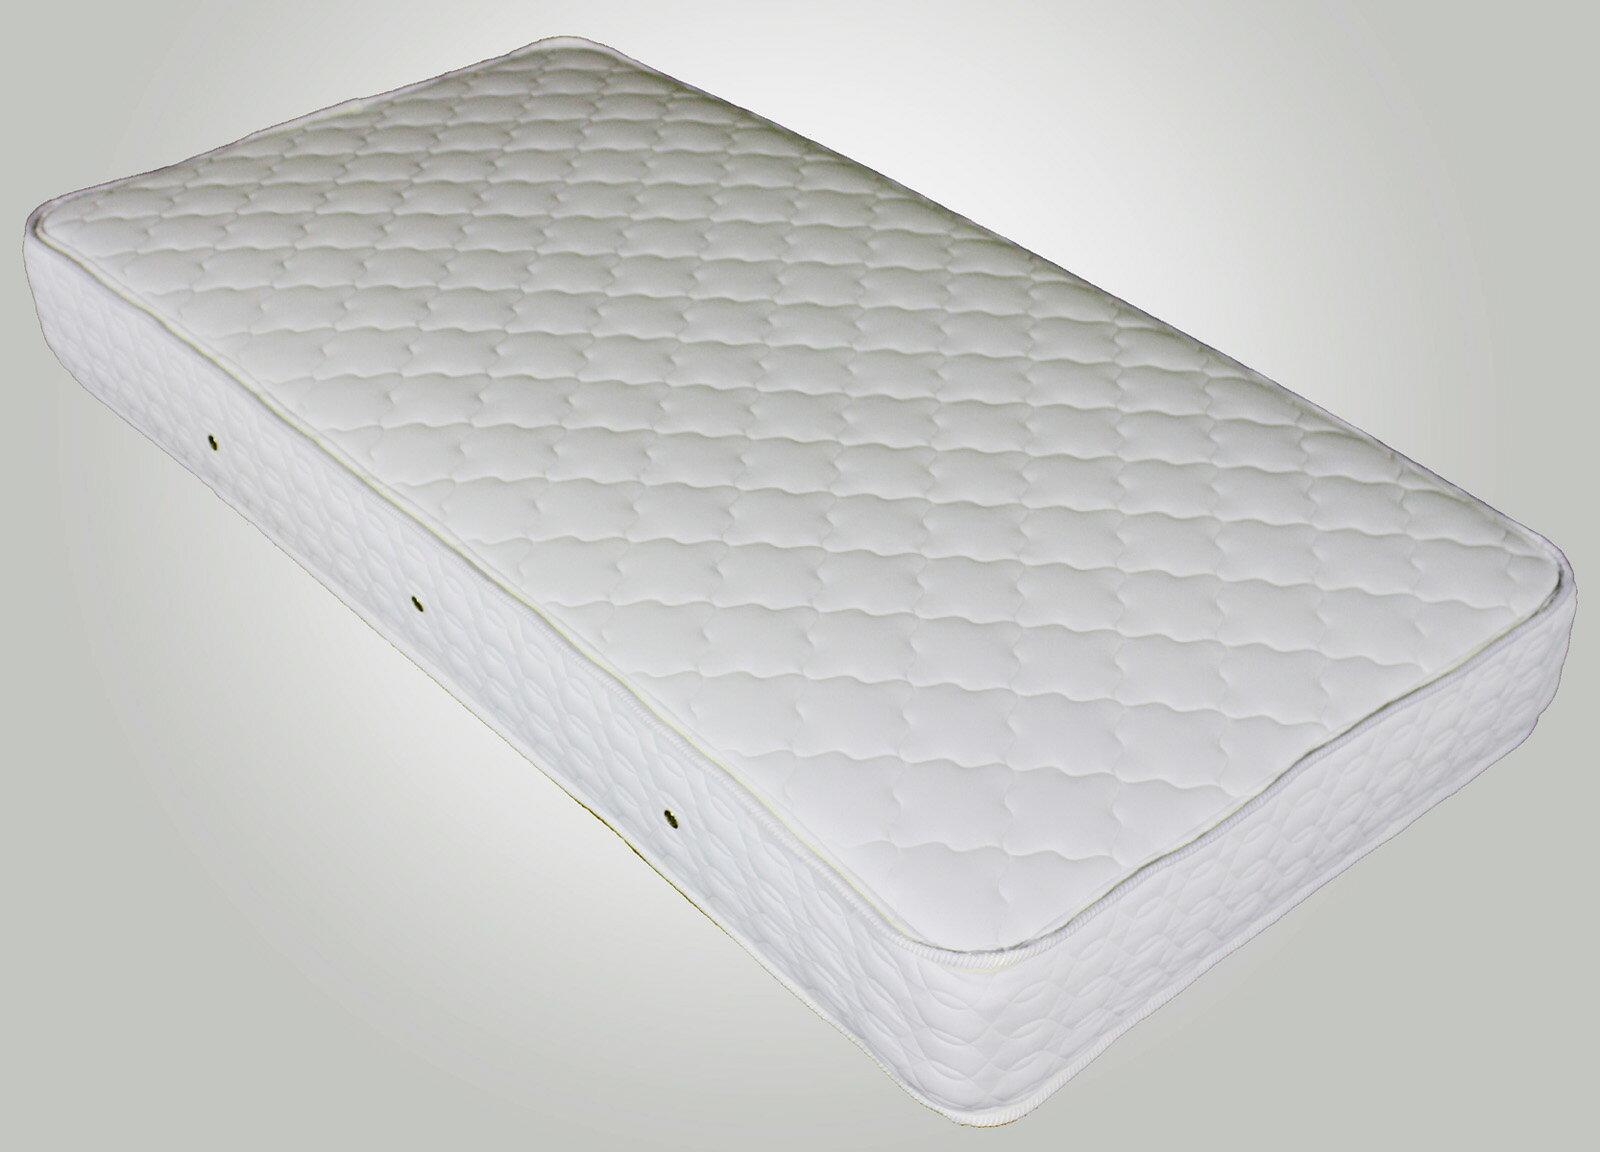 156639国産ポケットコイルマットレス ブロックウレタンフォーム入り セミダブルサイズ 友澤ベッド 送料無料 日本製